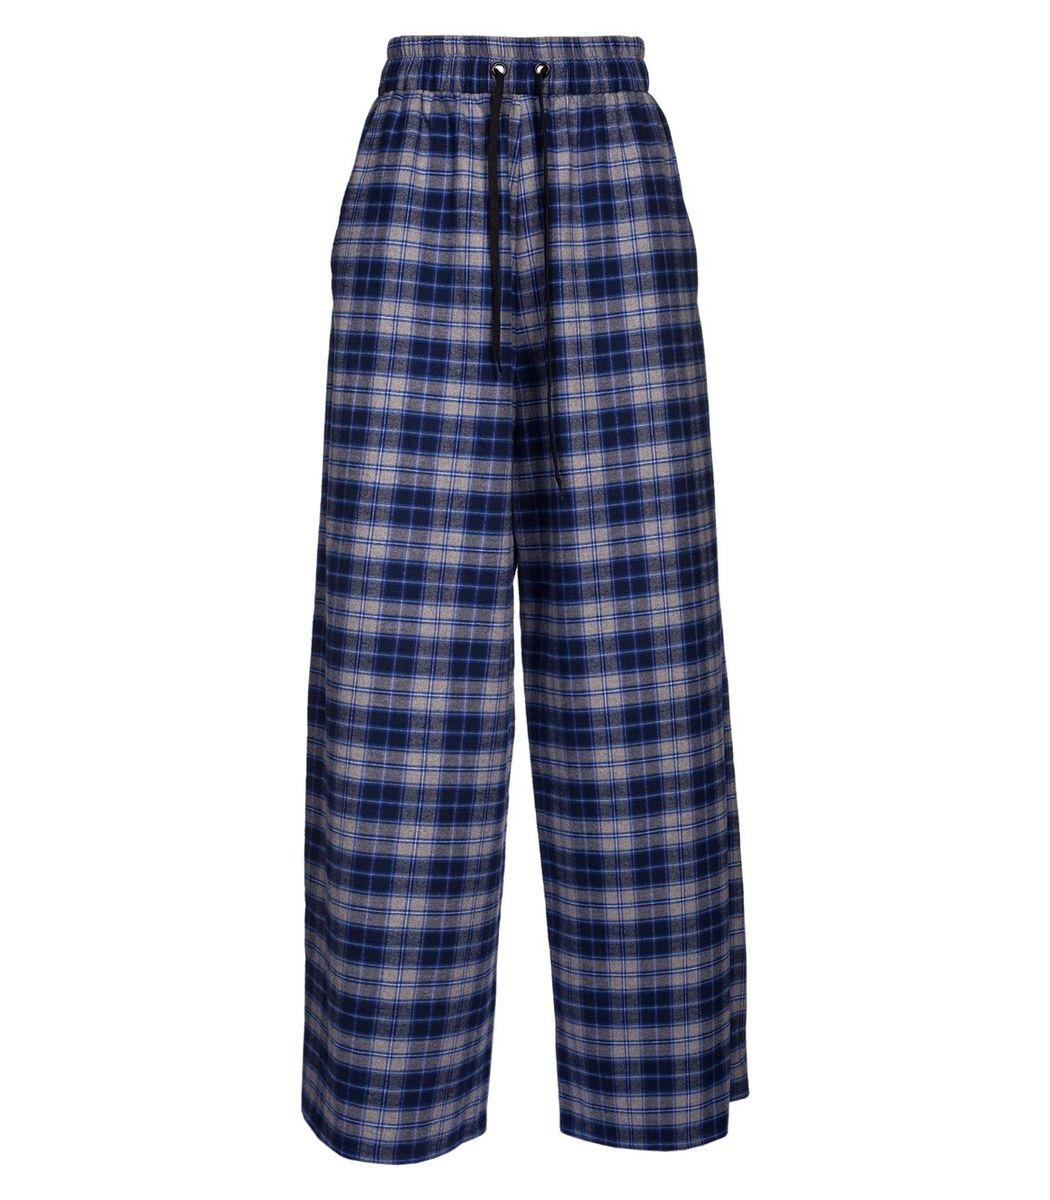 Natasha Zinko Blue And Grey Pijama Trousers